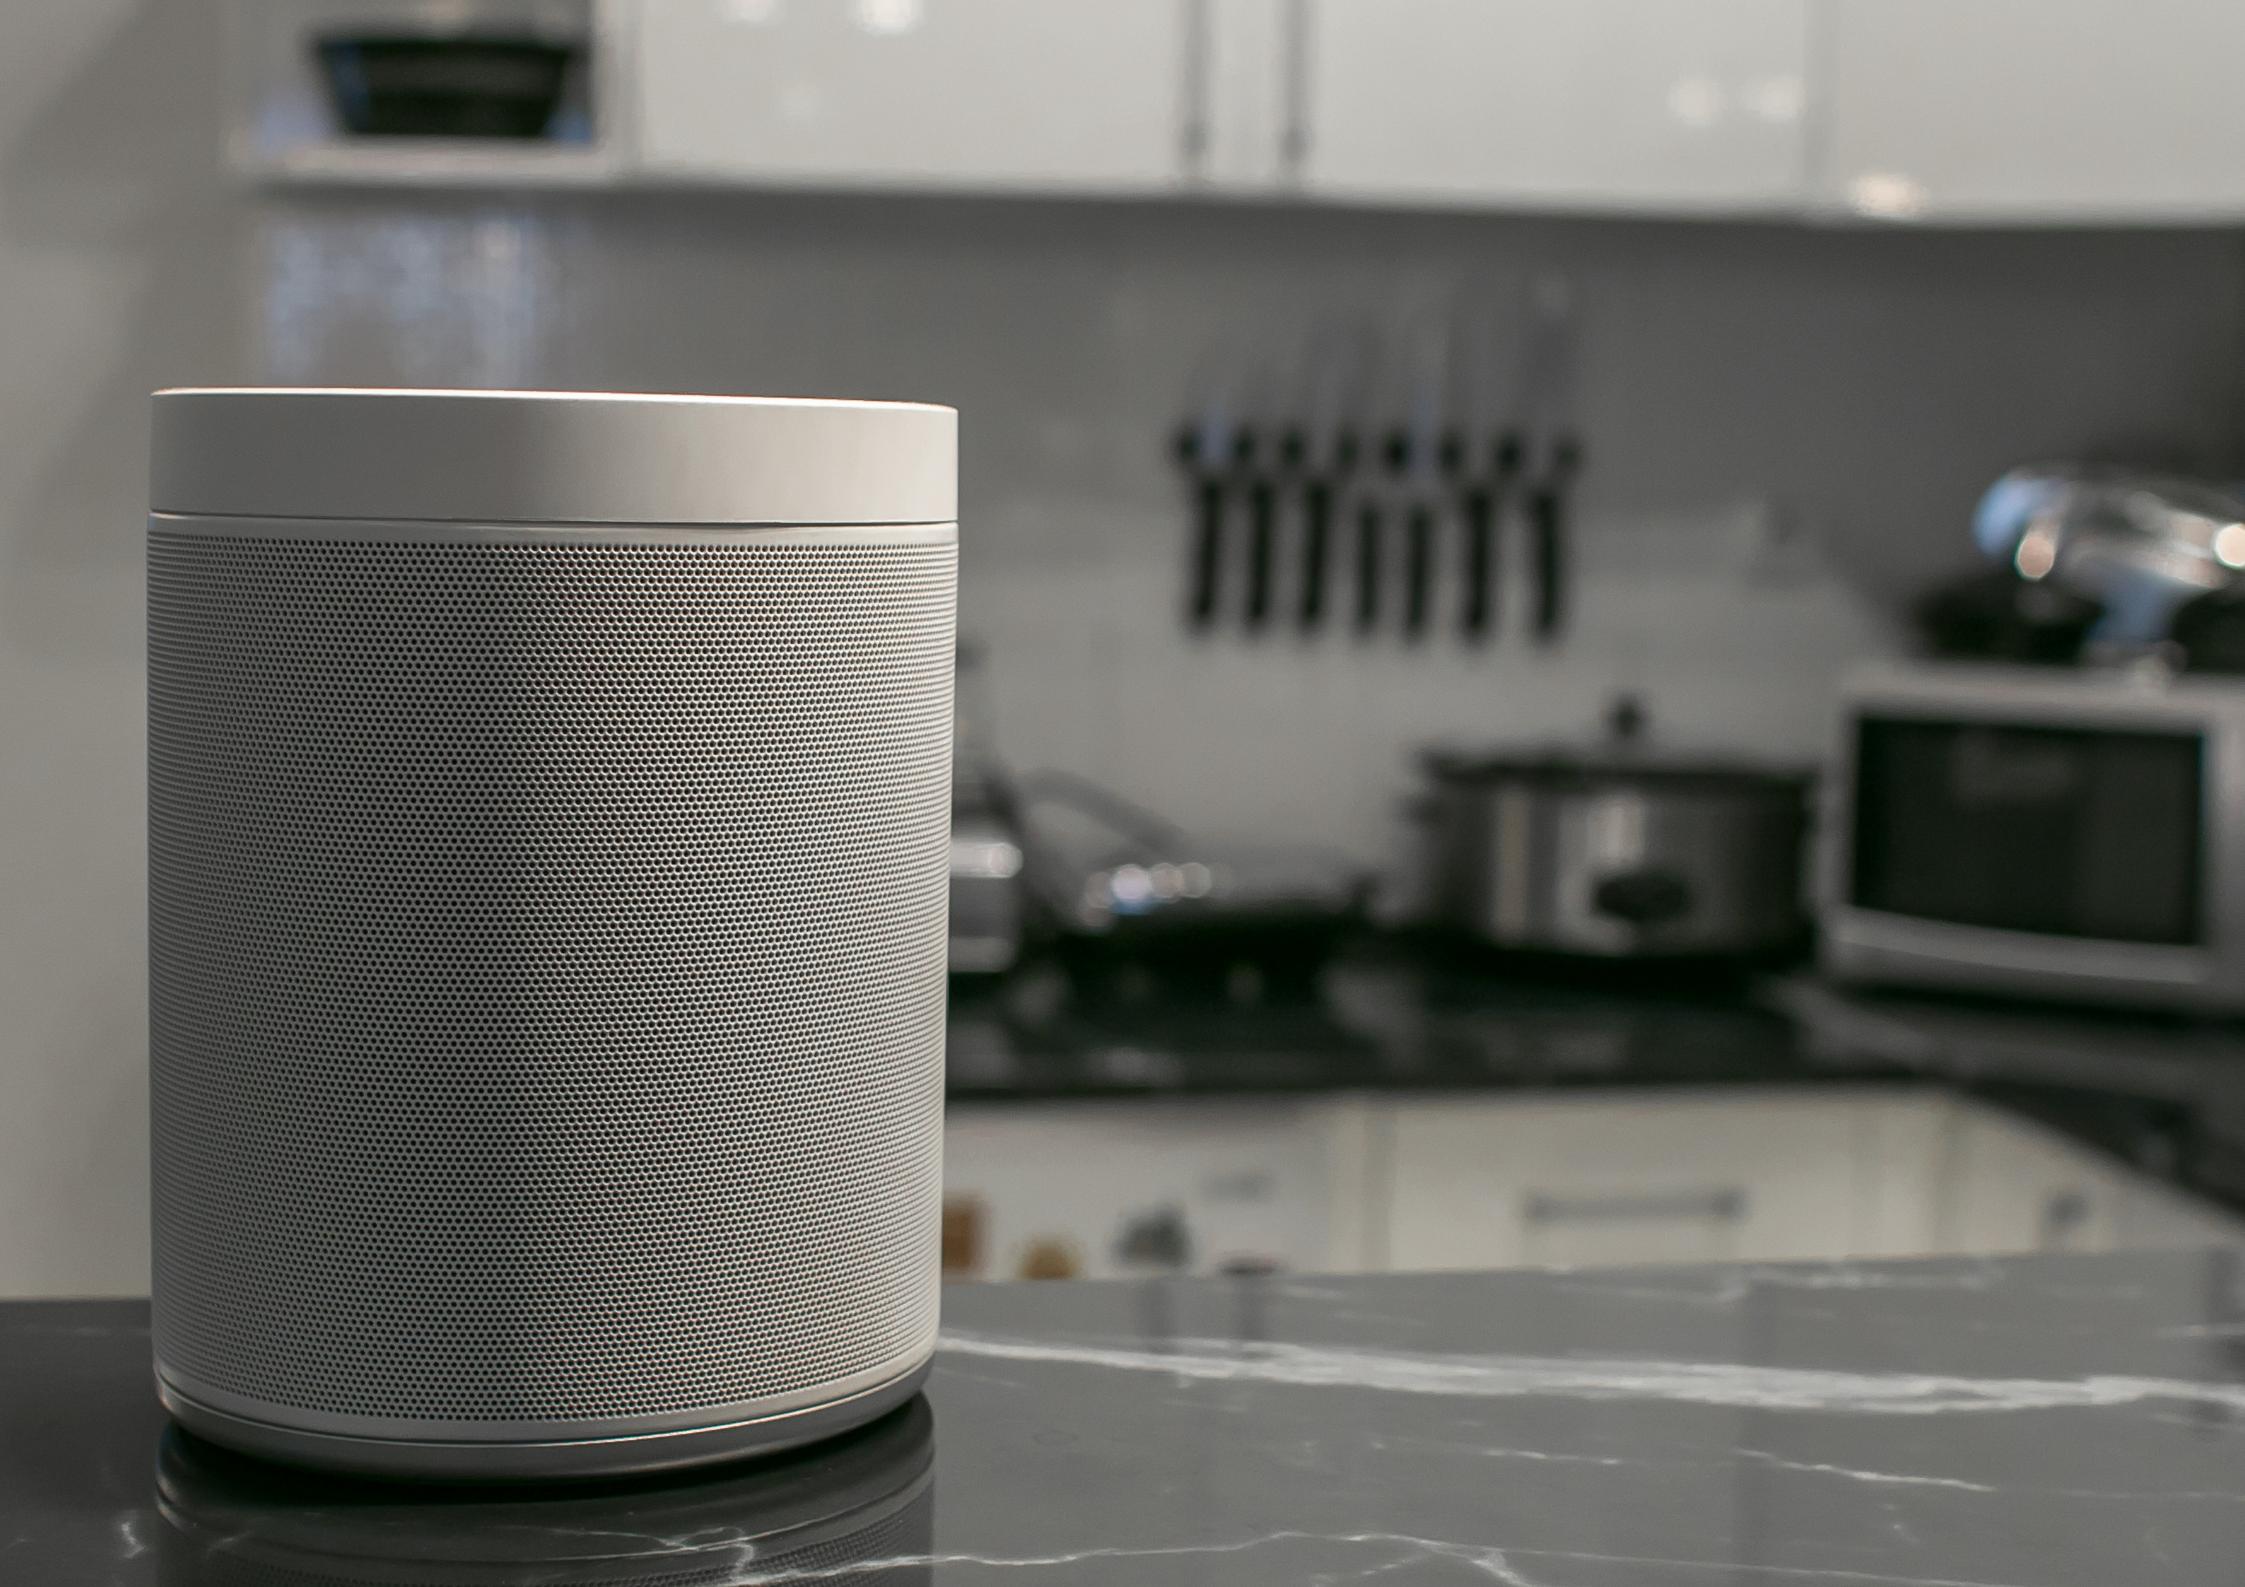 smart speaker over the table inside the house